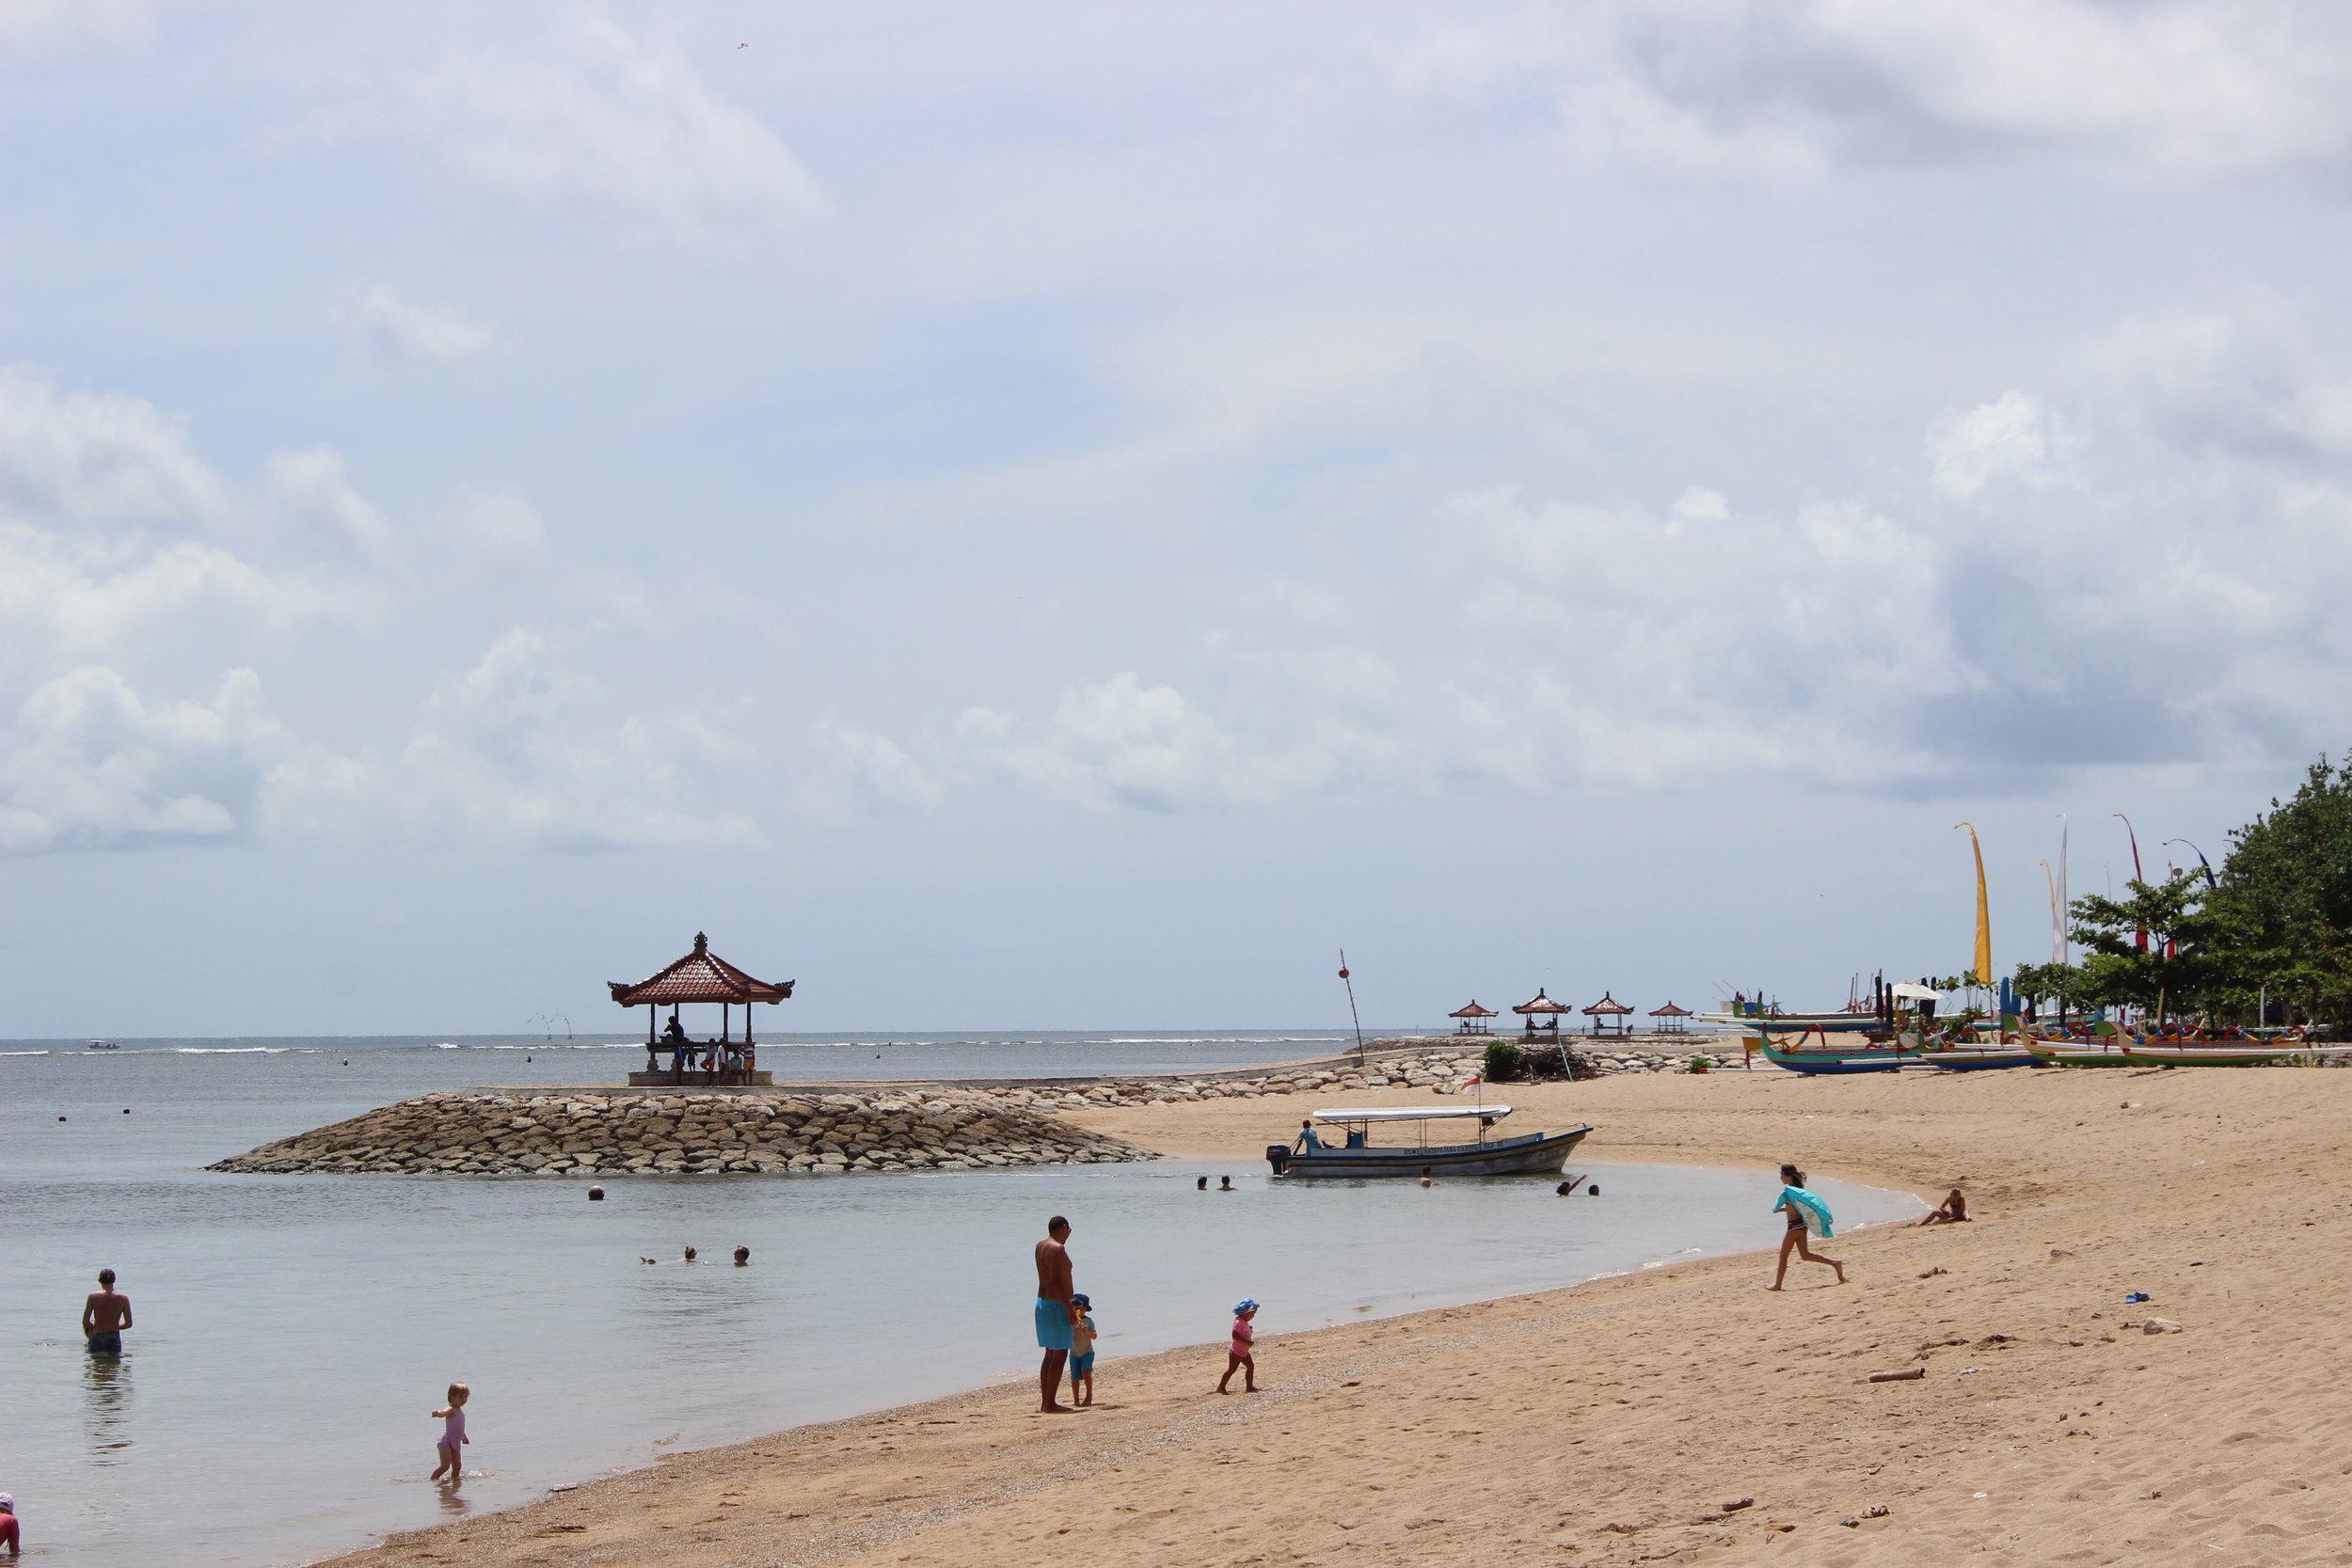 Sanur's beach front